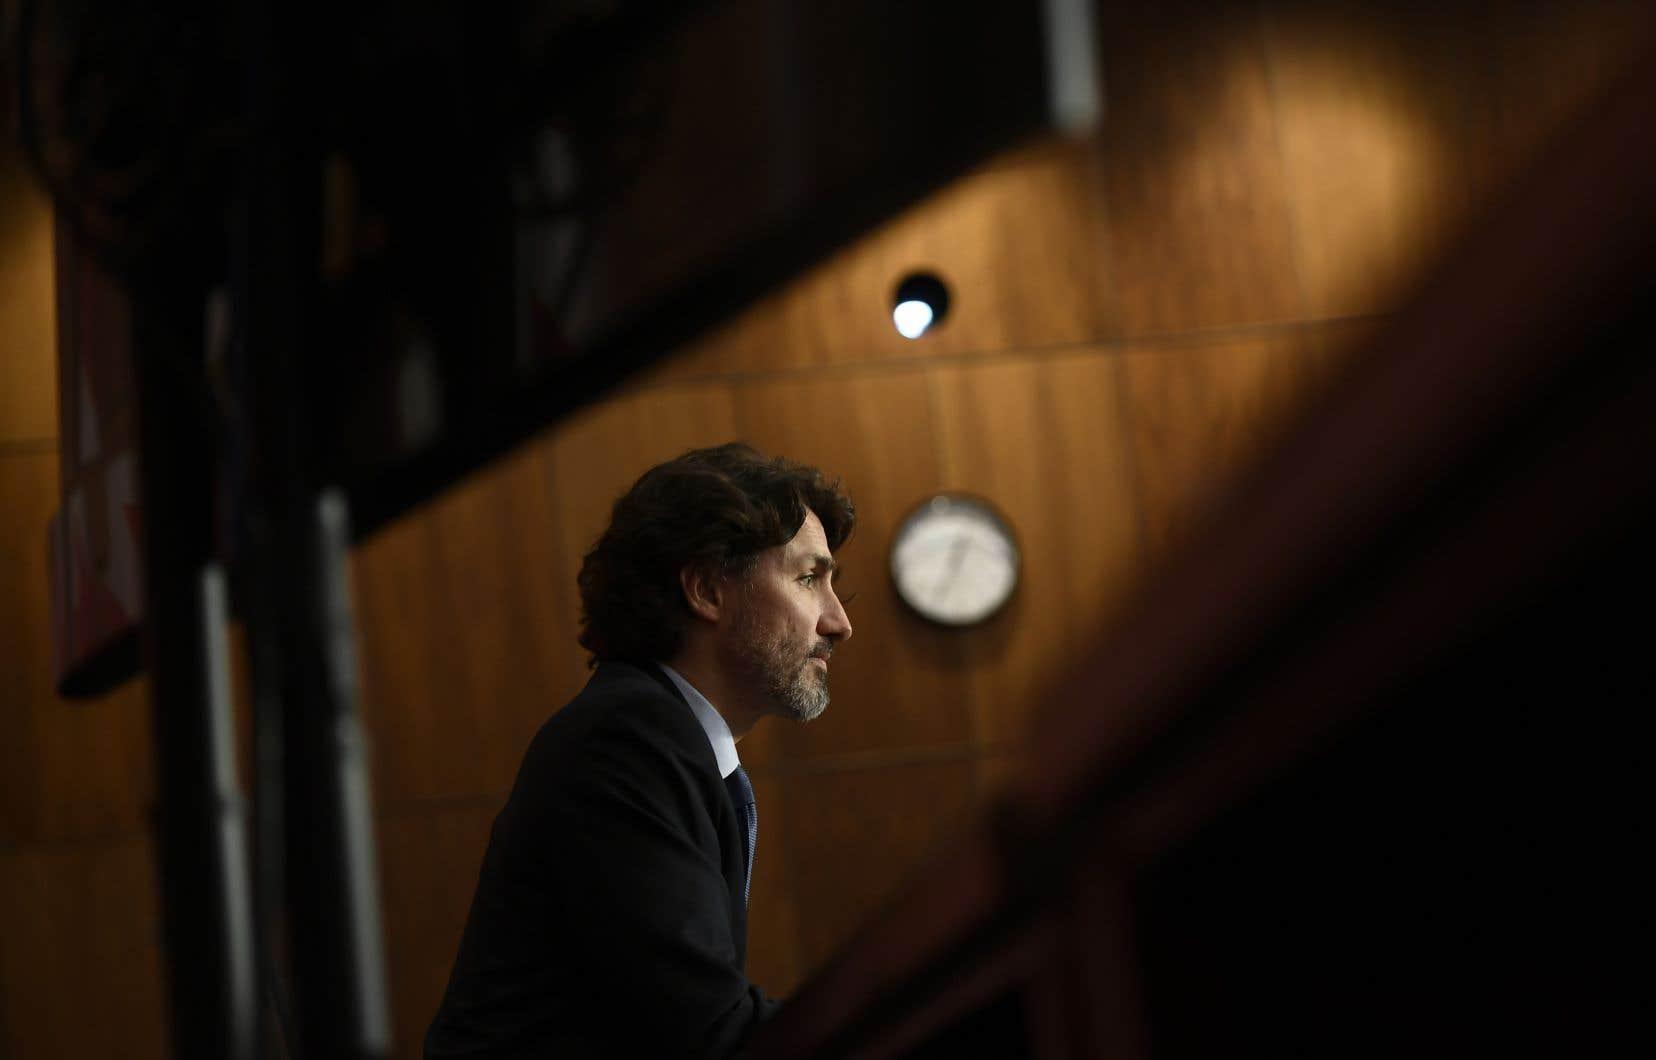 « Pour vraiment panser ces blessures, nous devons d'abord reconnaître la vérité, non seulement sur les pensionnats, mais sur les injustices passées et présentes auxquelles les peuples autochtones sont confrontés », a déclaré jeudi le premier ministre Justin Trudeau.